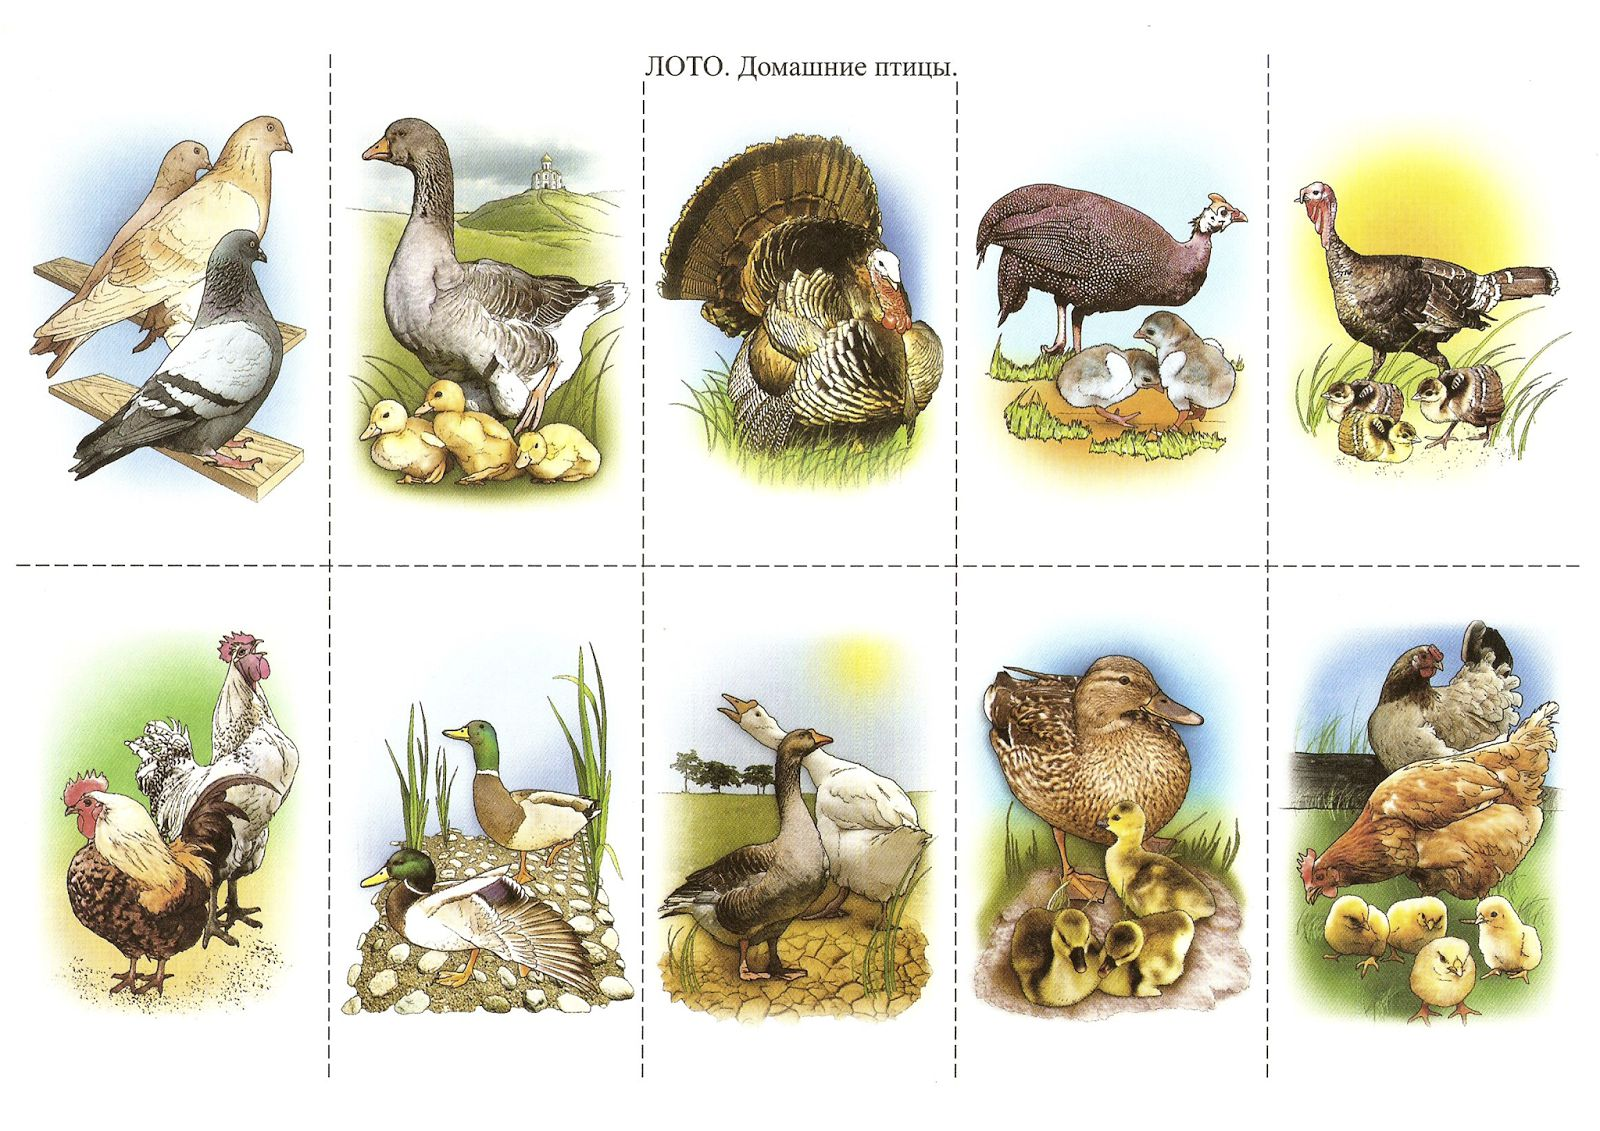 Картинки с изображением домашних птиц и их птенцов